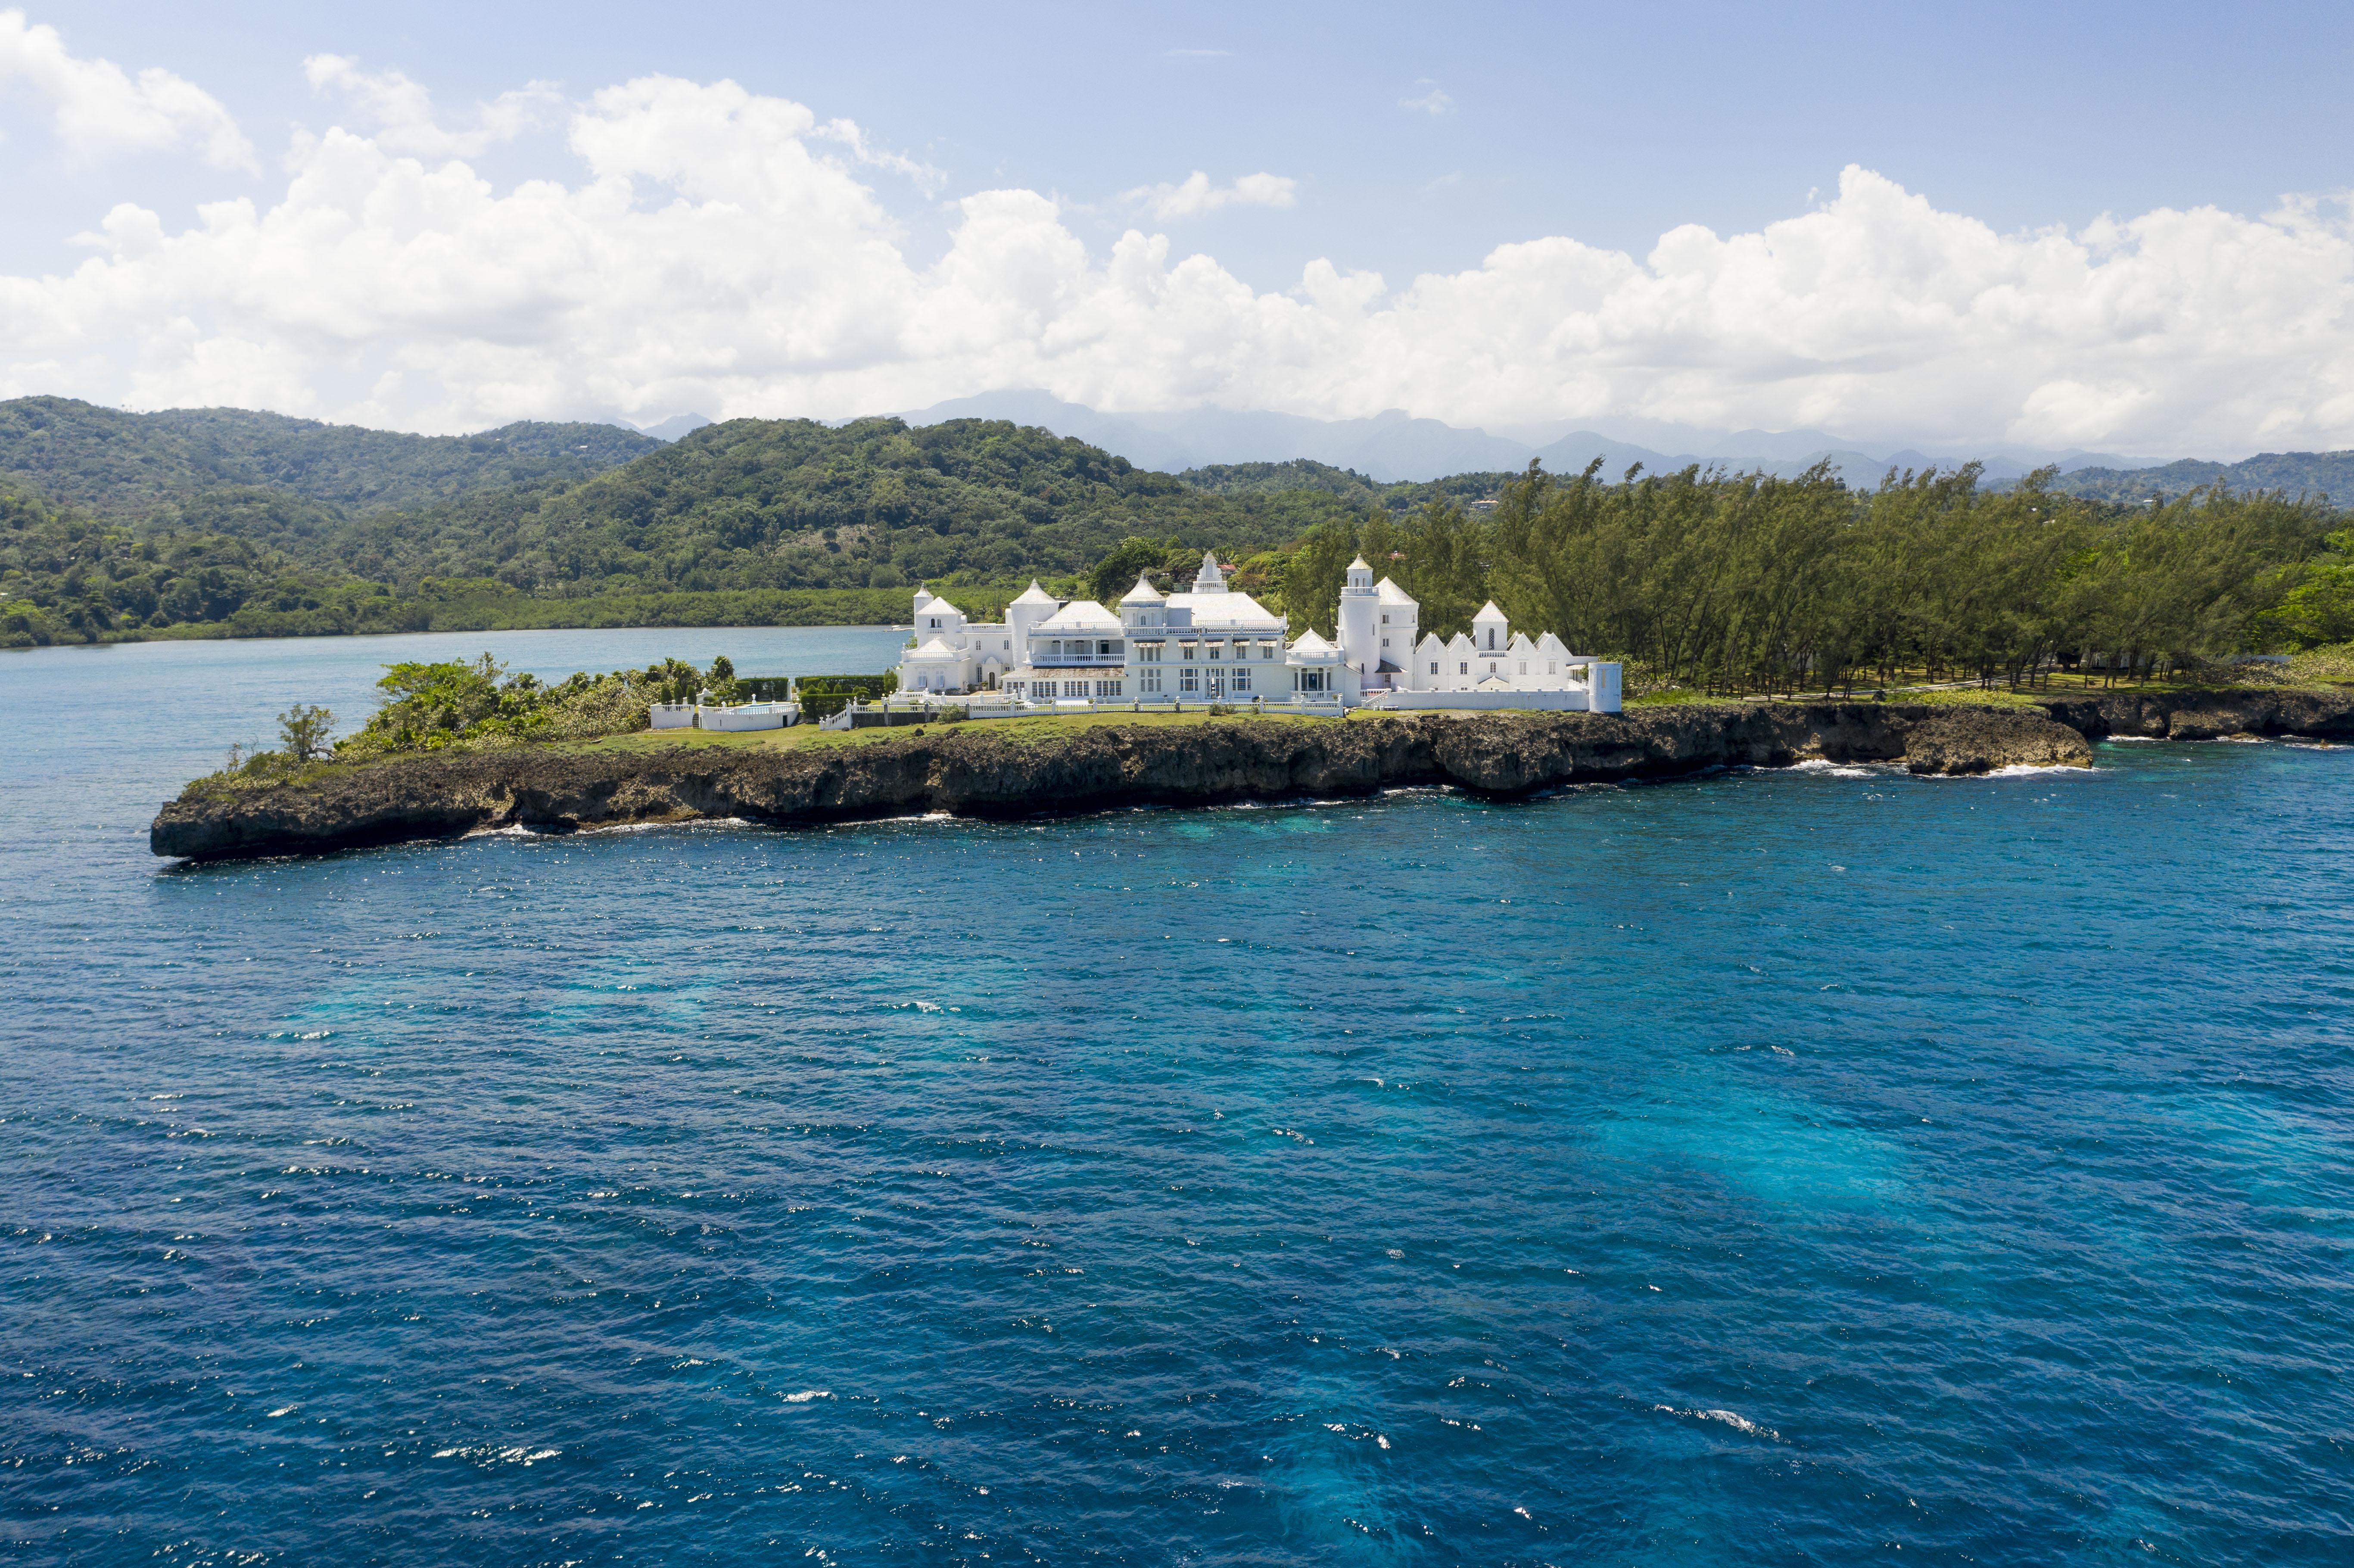 trident castle in jamaica